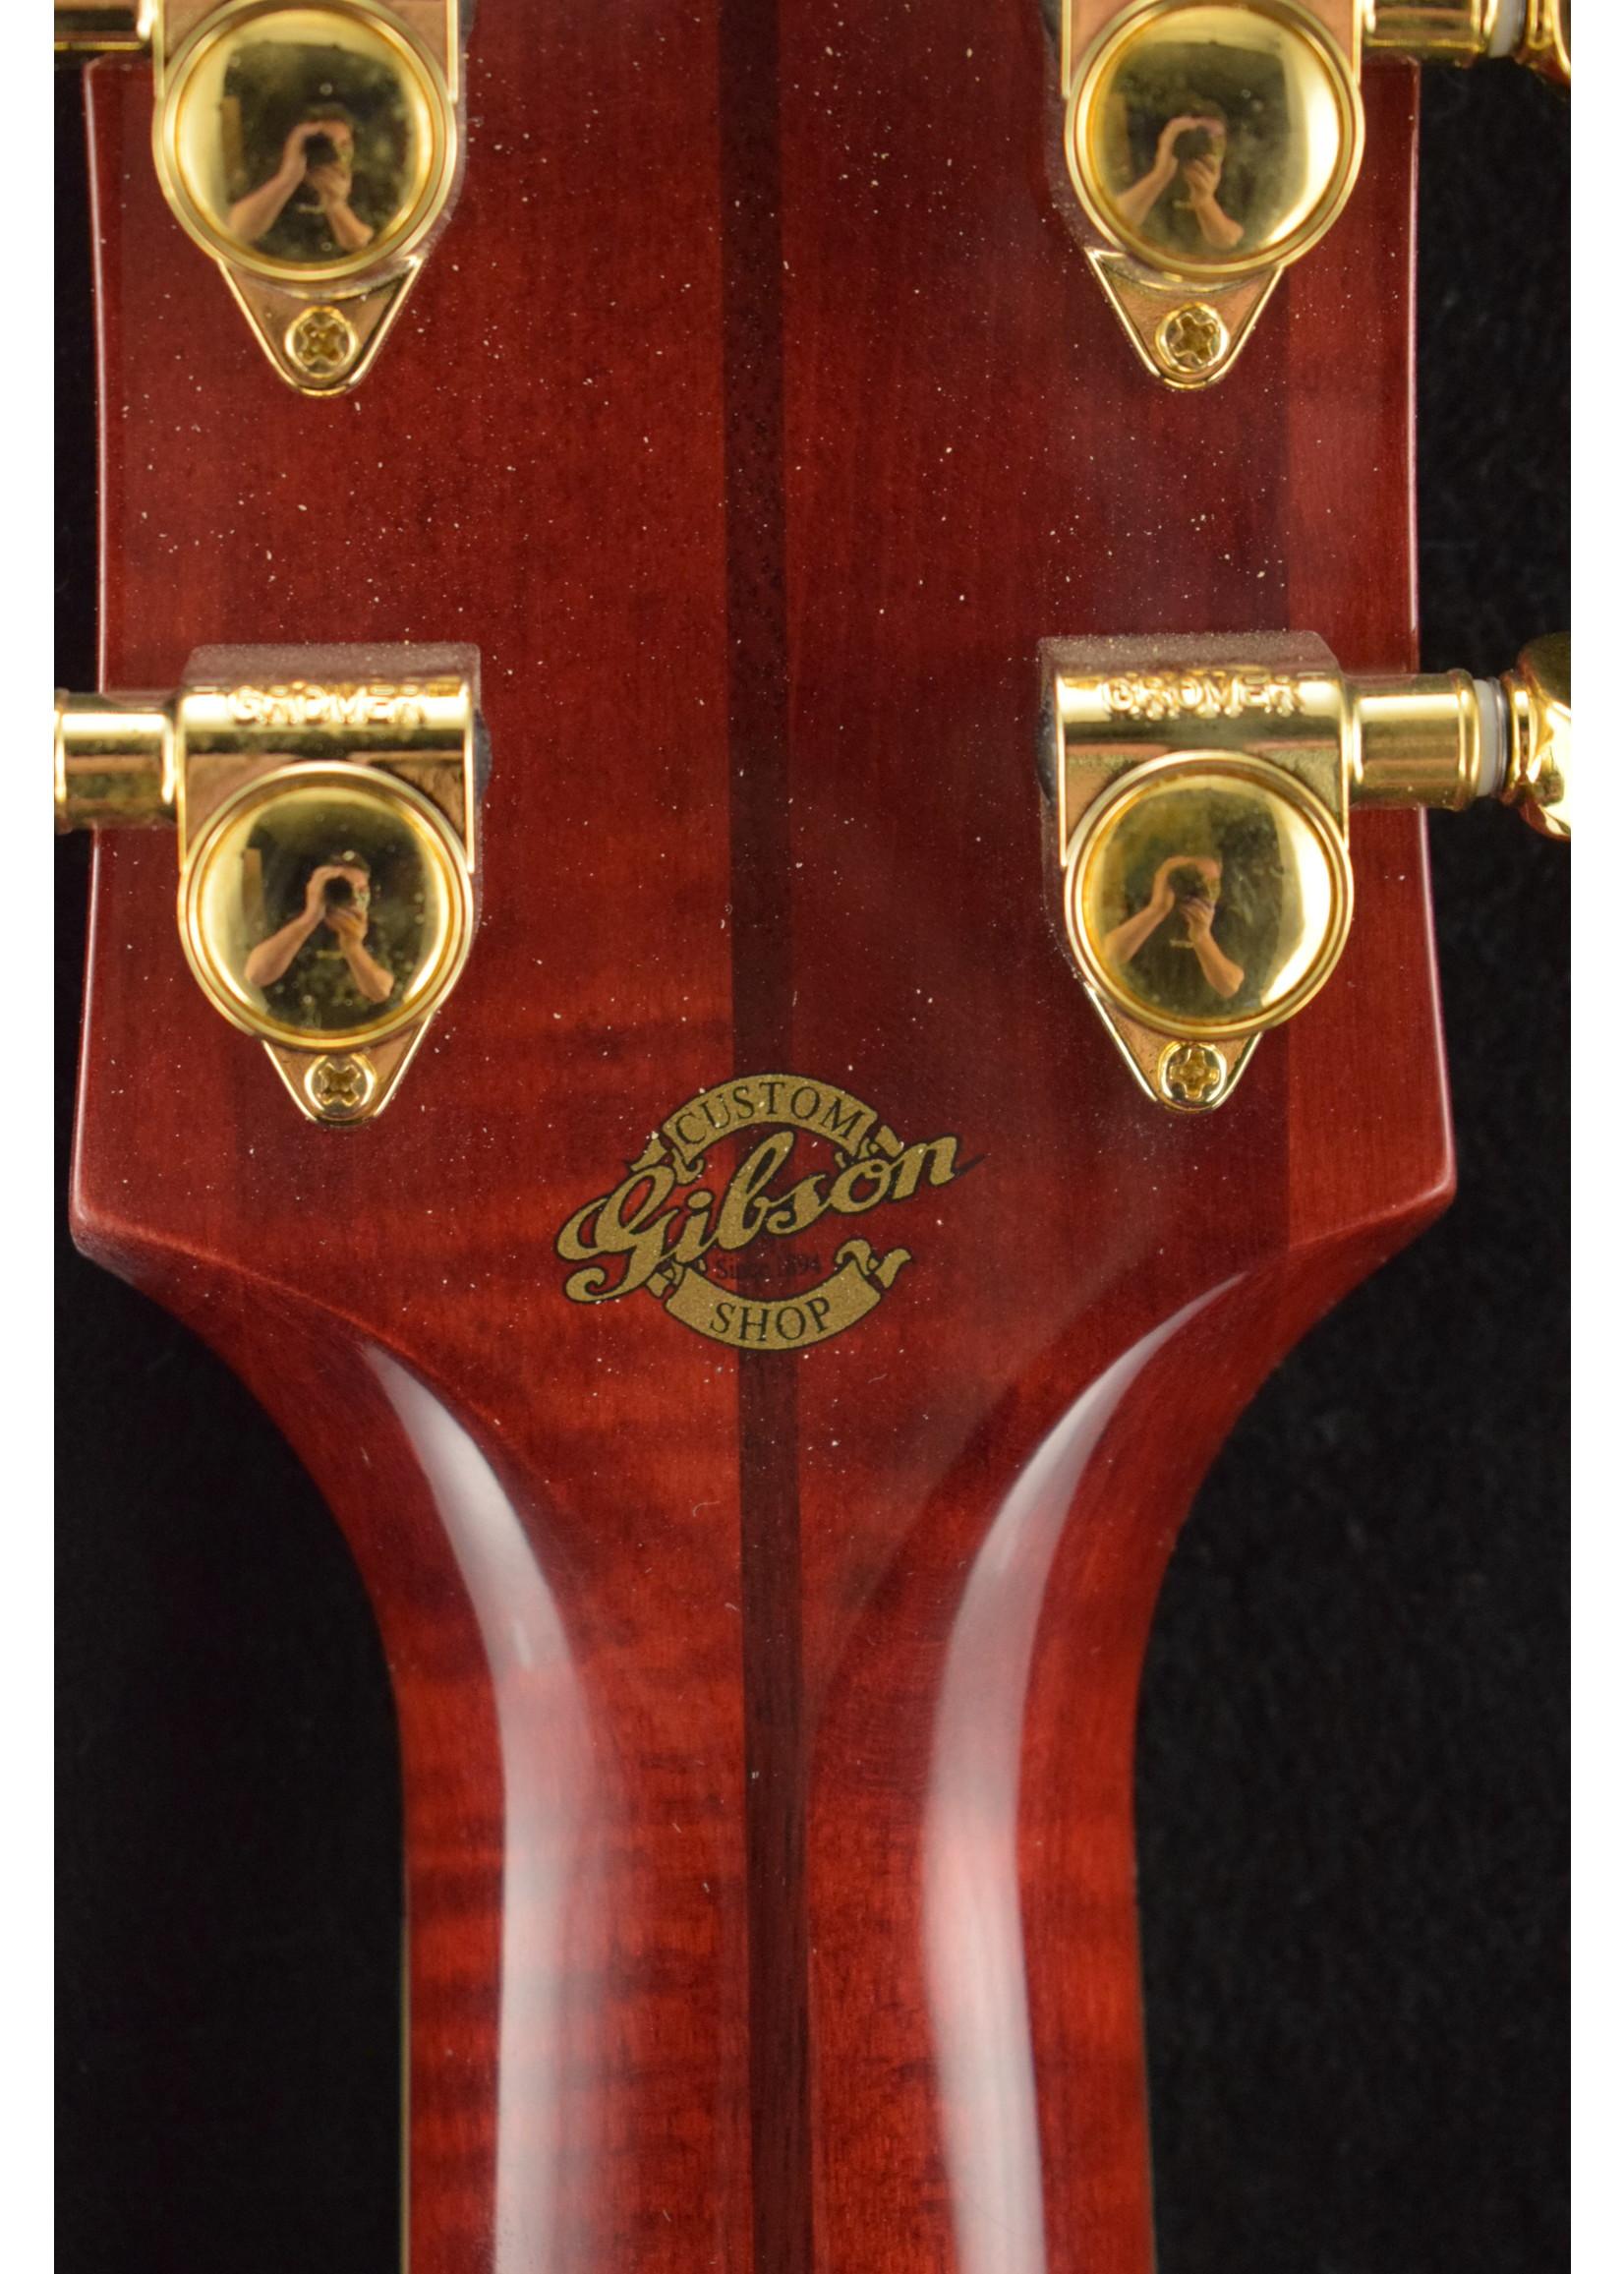 Gibson Gibson Acoustic Custom Shop Firebird Antique Natural